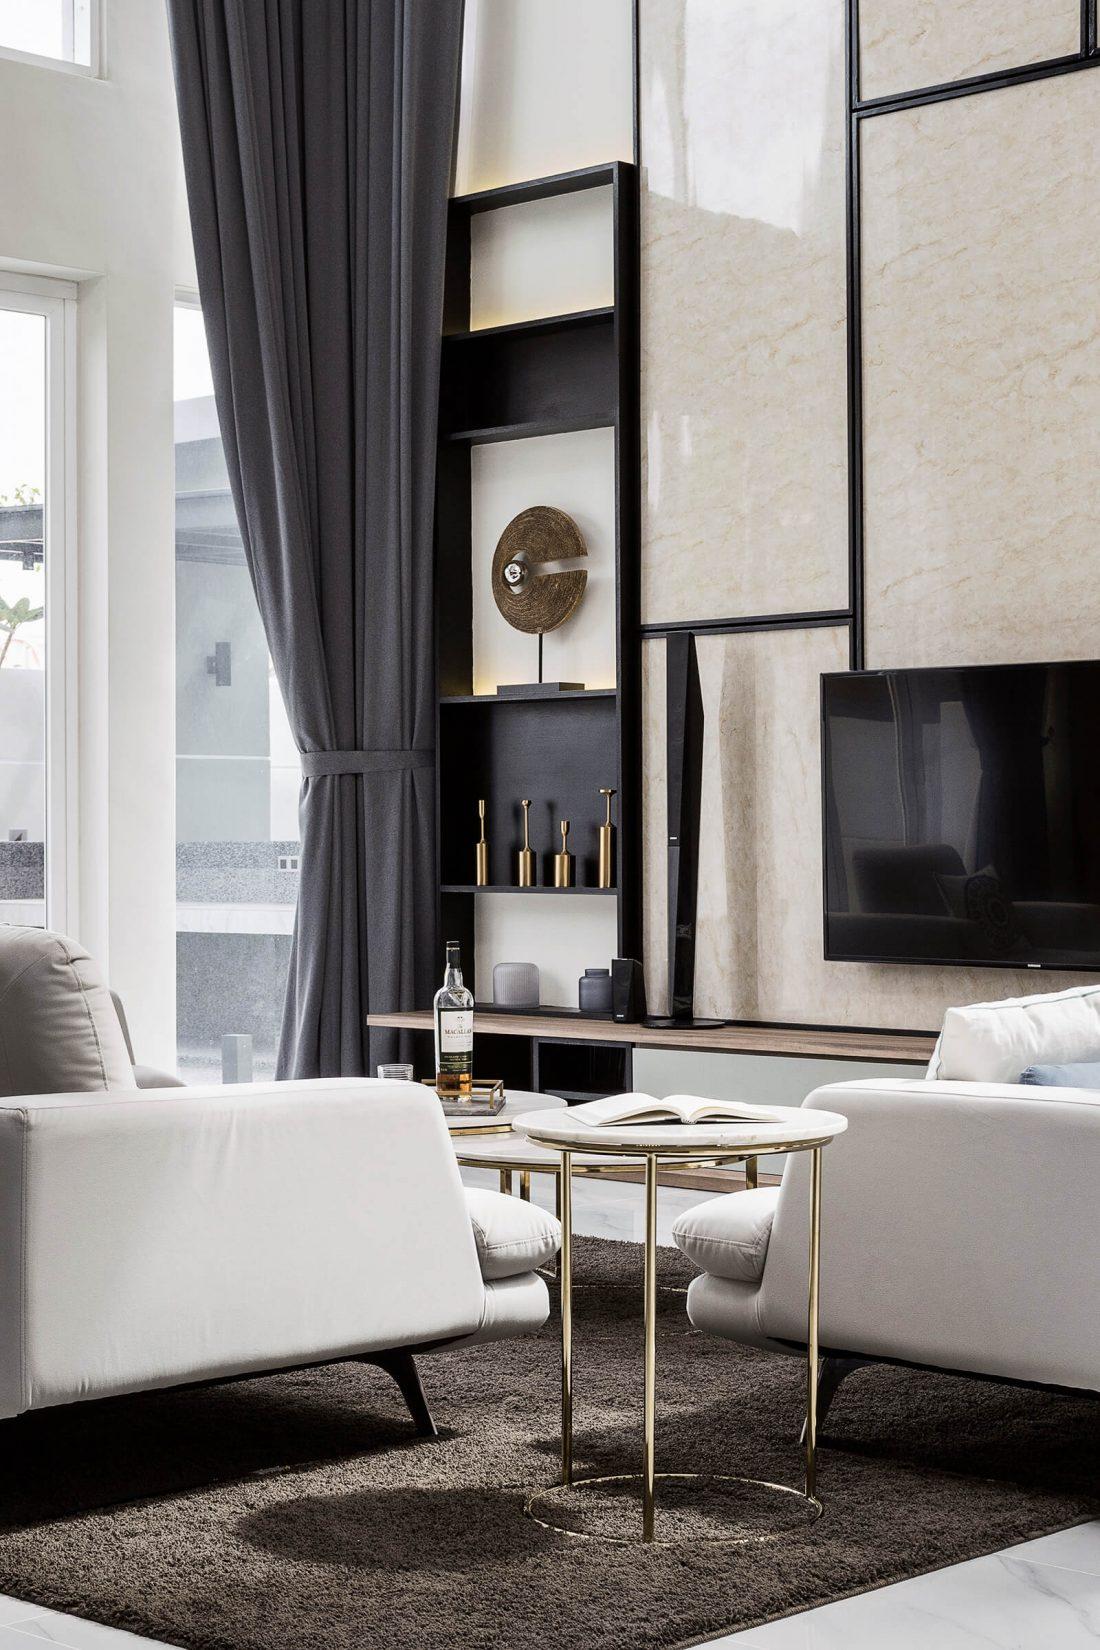 Interior Design Private Bungalow Alor Setar Kedah Malaysia Living Room Design v4